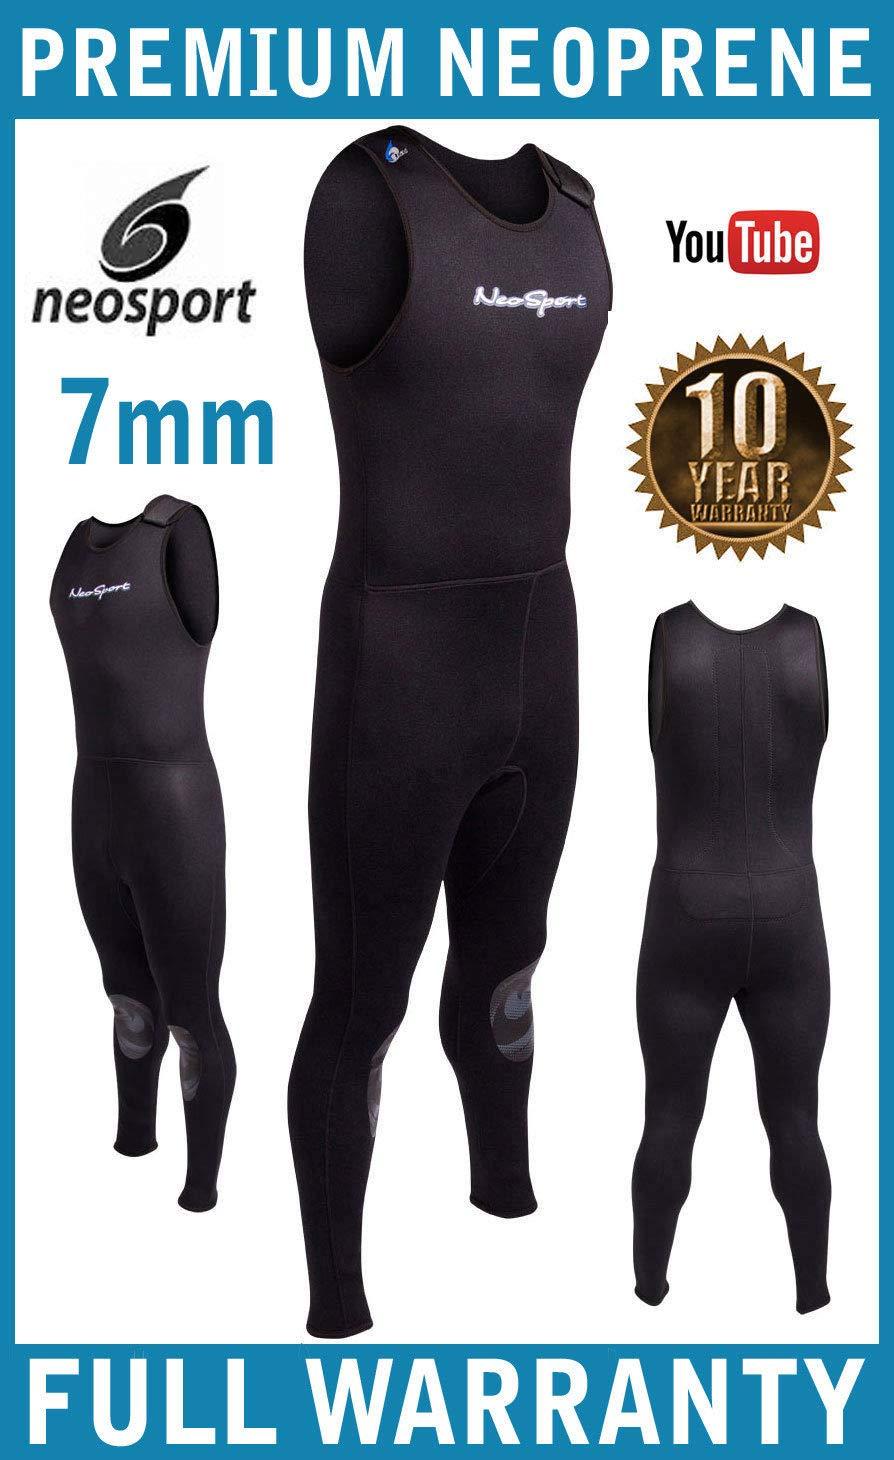 NeoSport Wetsuits Men's Premium Neoprene 7mm John,Black,Medium by Neo-Sport